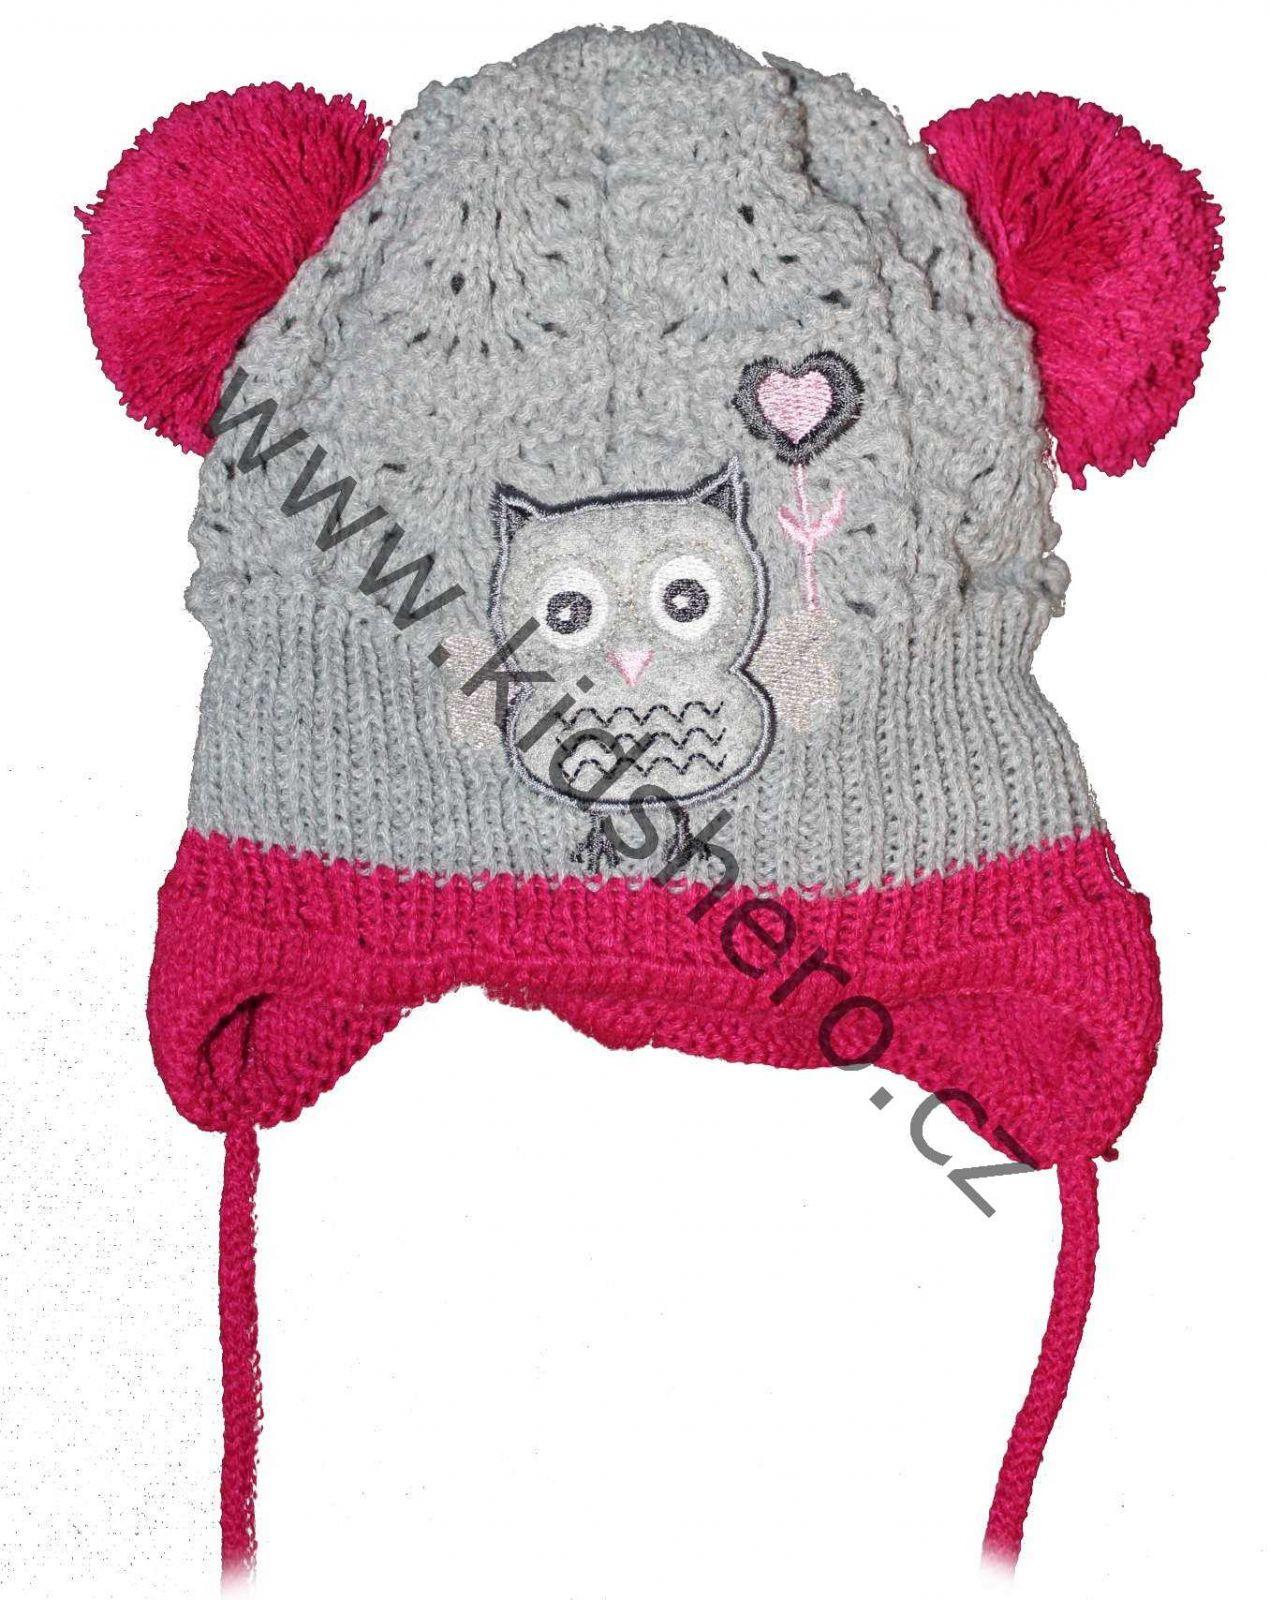 dětská čepice, kojenecká čepice, čepice pro miminka, zimní čepice, dívčí čepice, teplá čepice, vyteplená čepice, pletená čepice